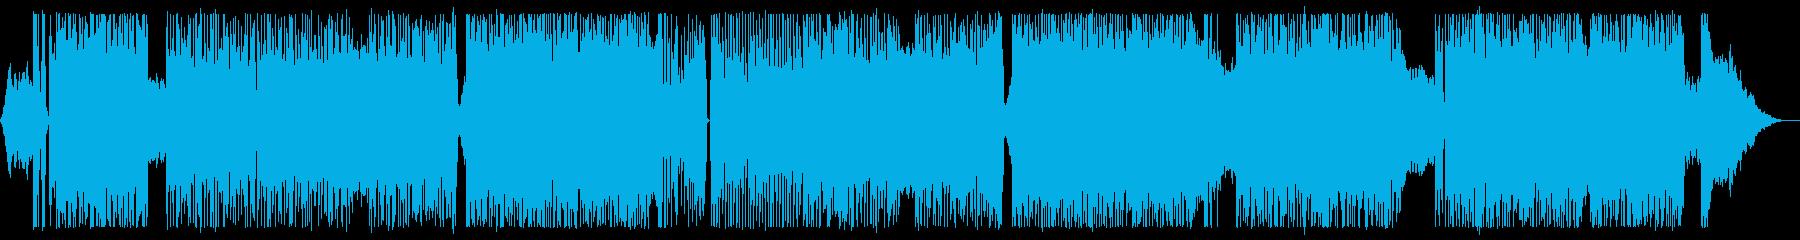 ポジティブハードロック,ギター生演奏の再生済みの波形